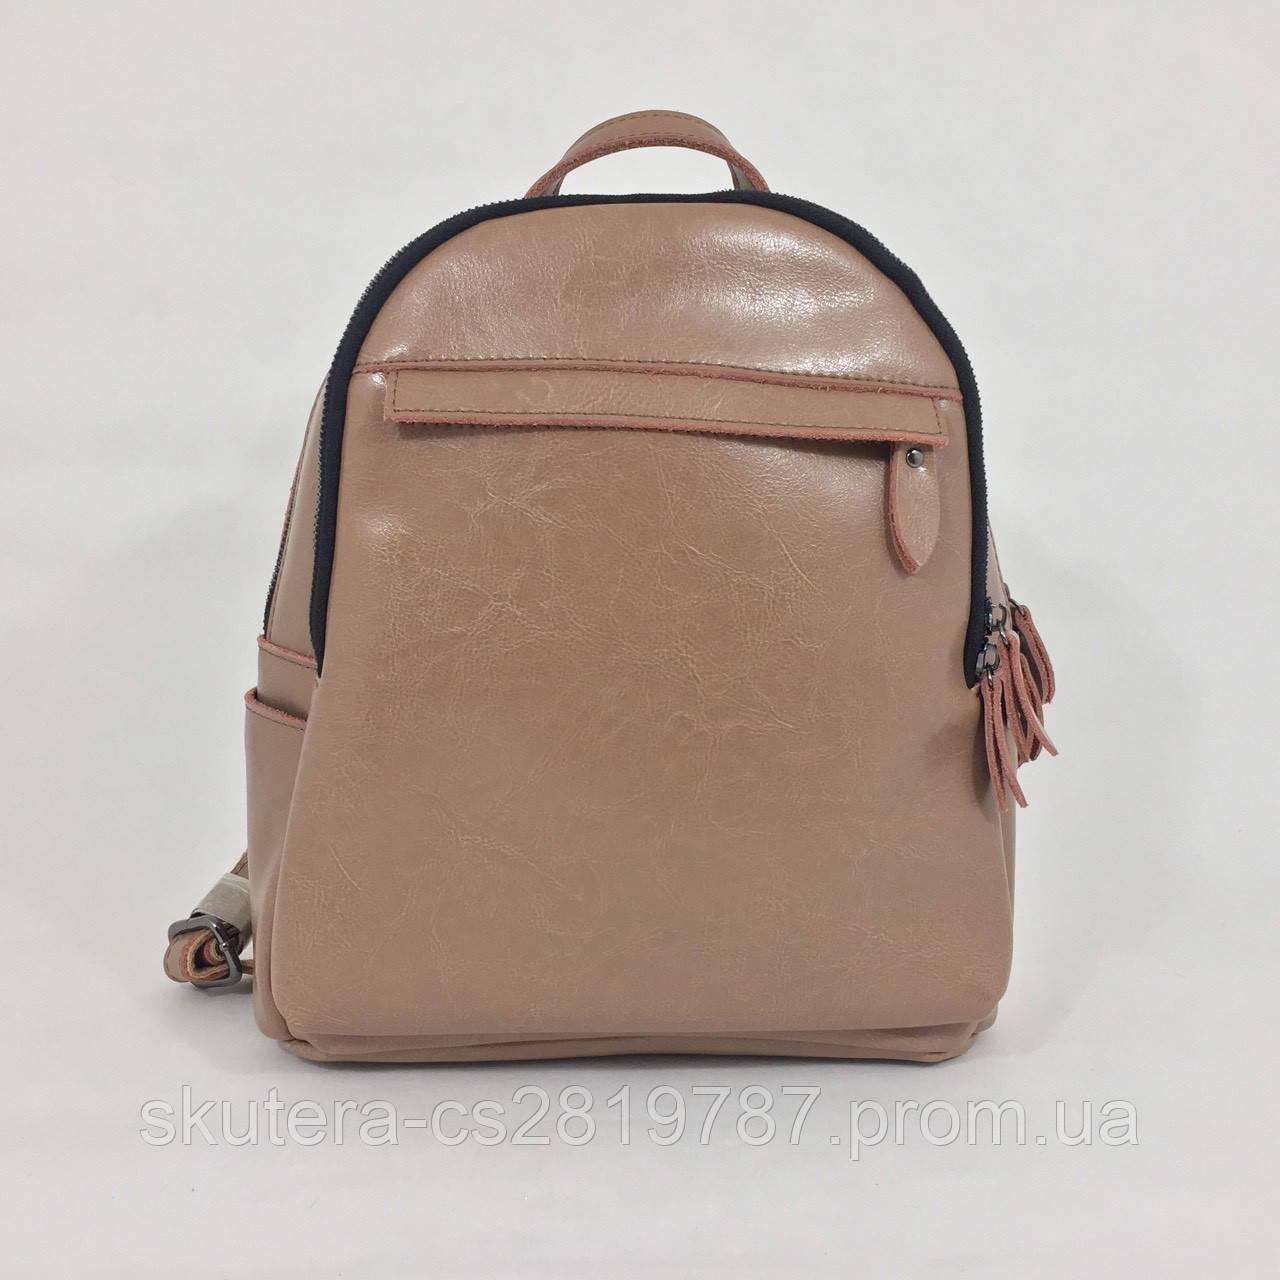 05044f50f258 Женский кожаный рюкзак